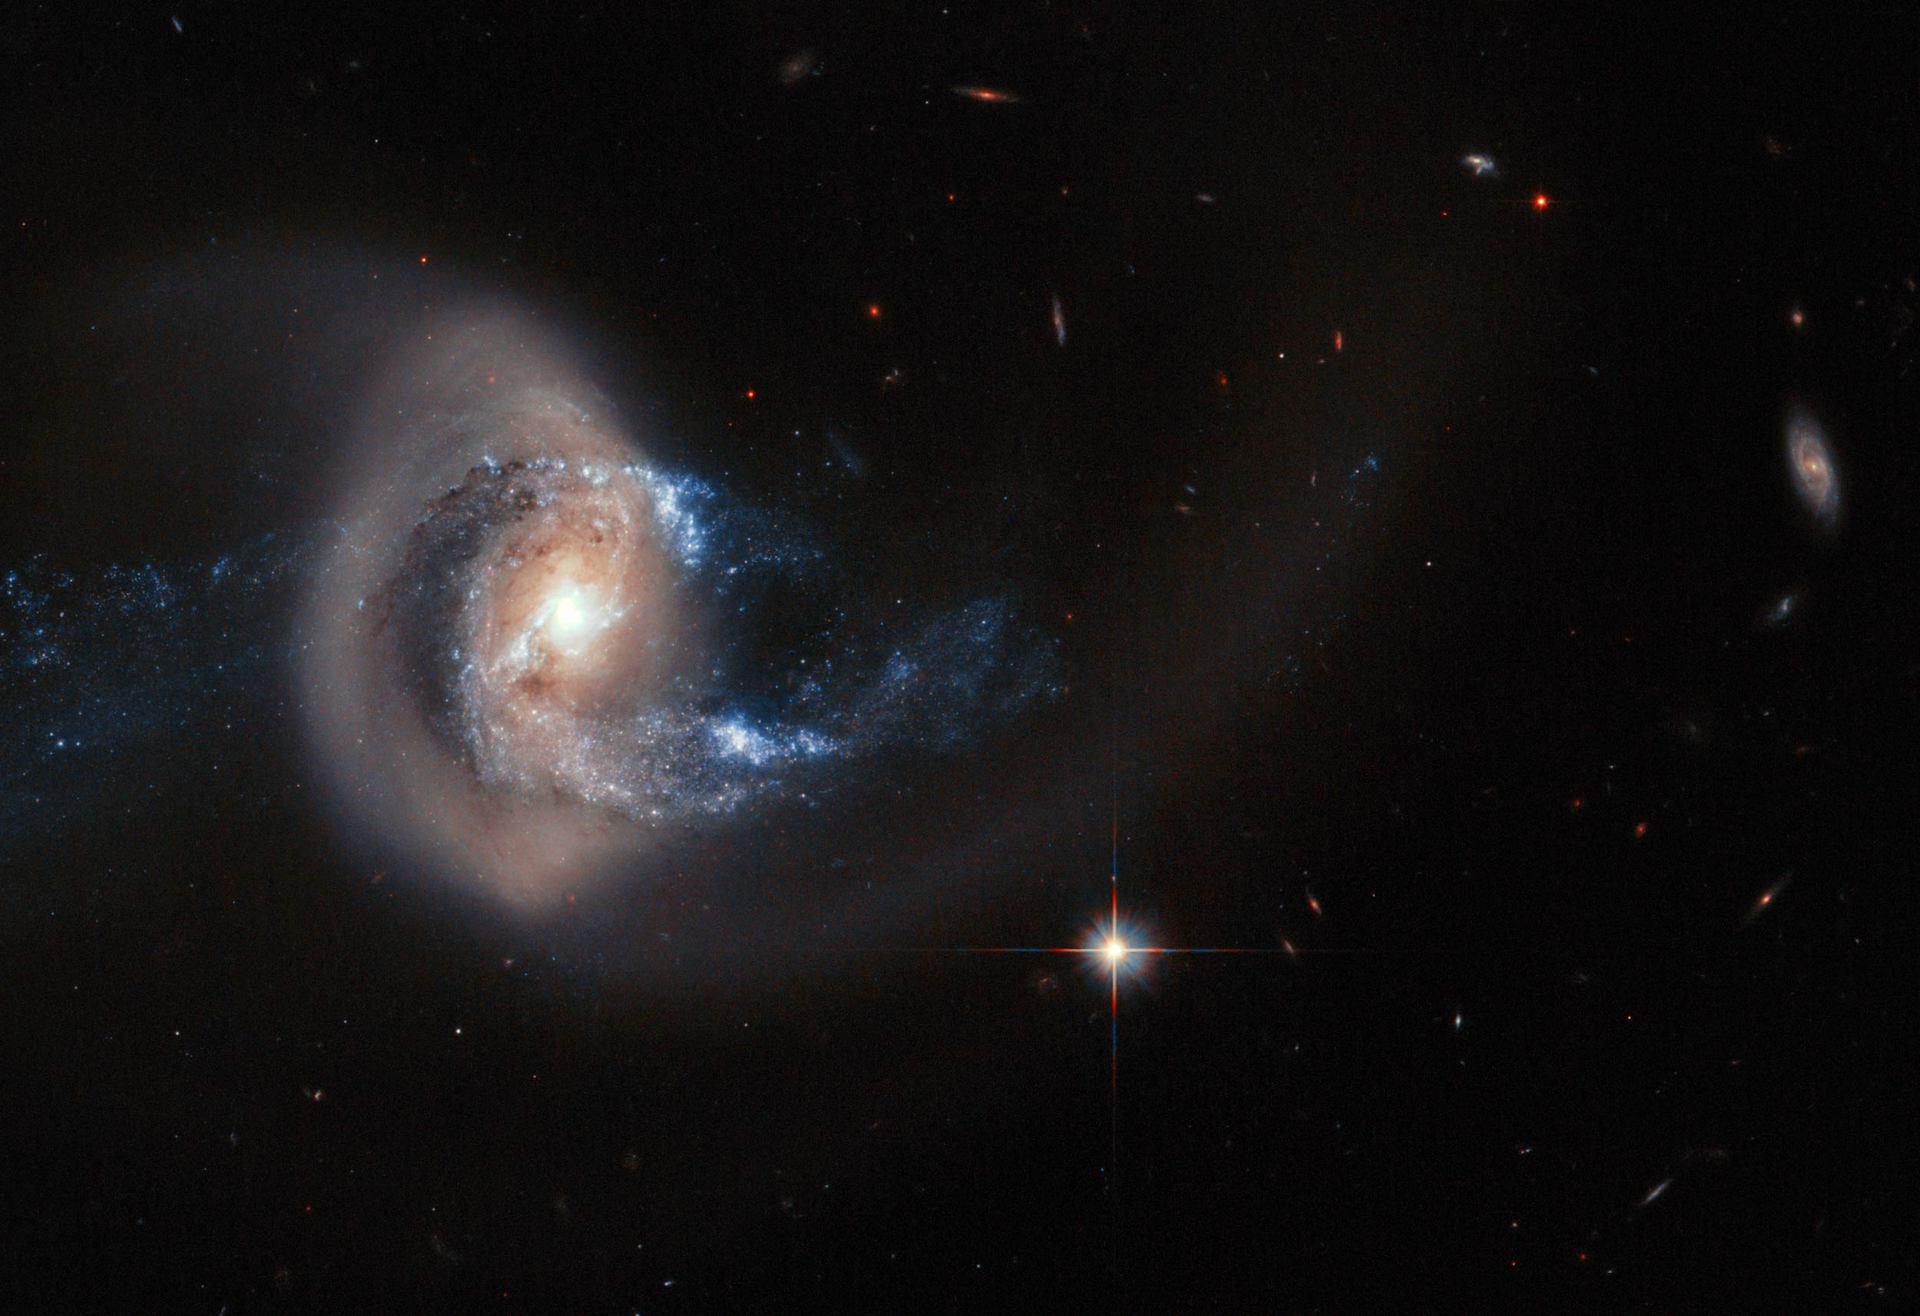 Хаббл постоянно обнаруживает галактики расположенные очень далеко от нас - 1